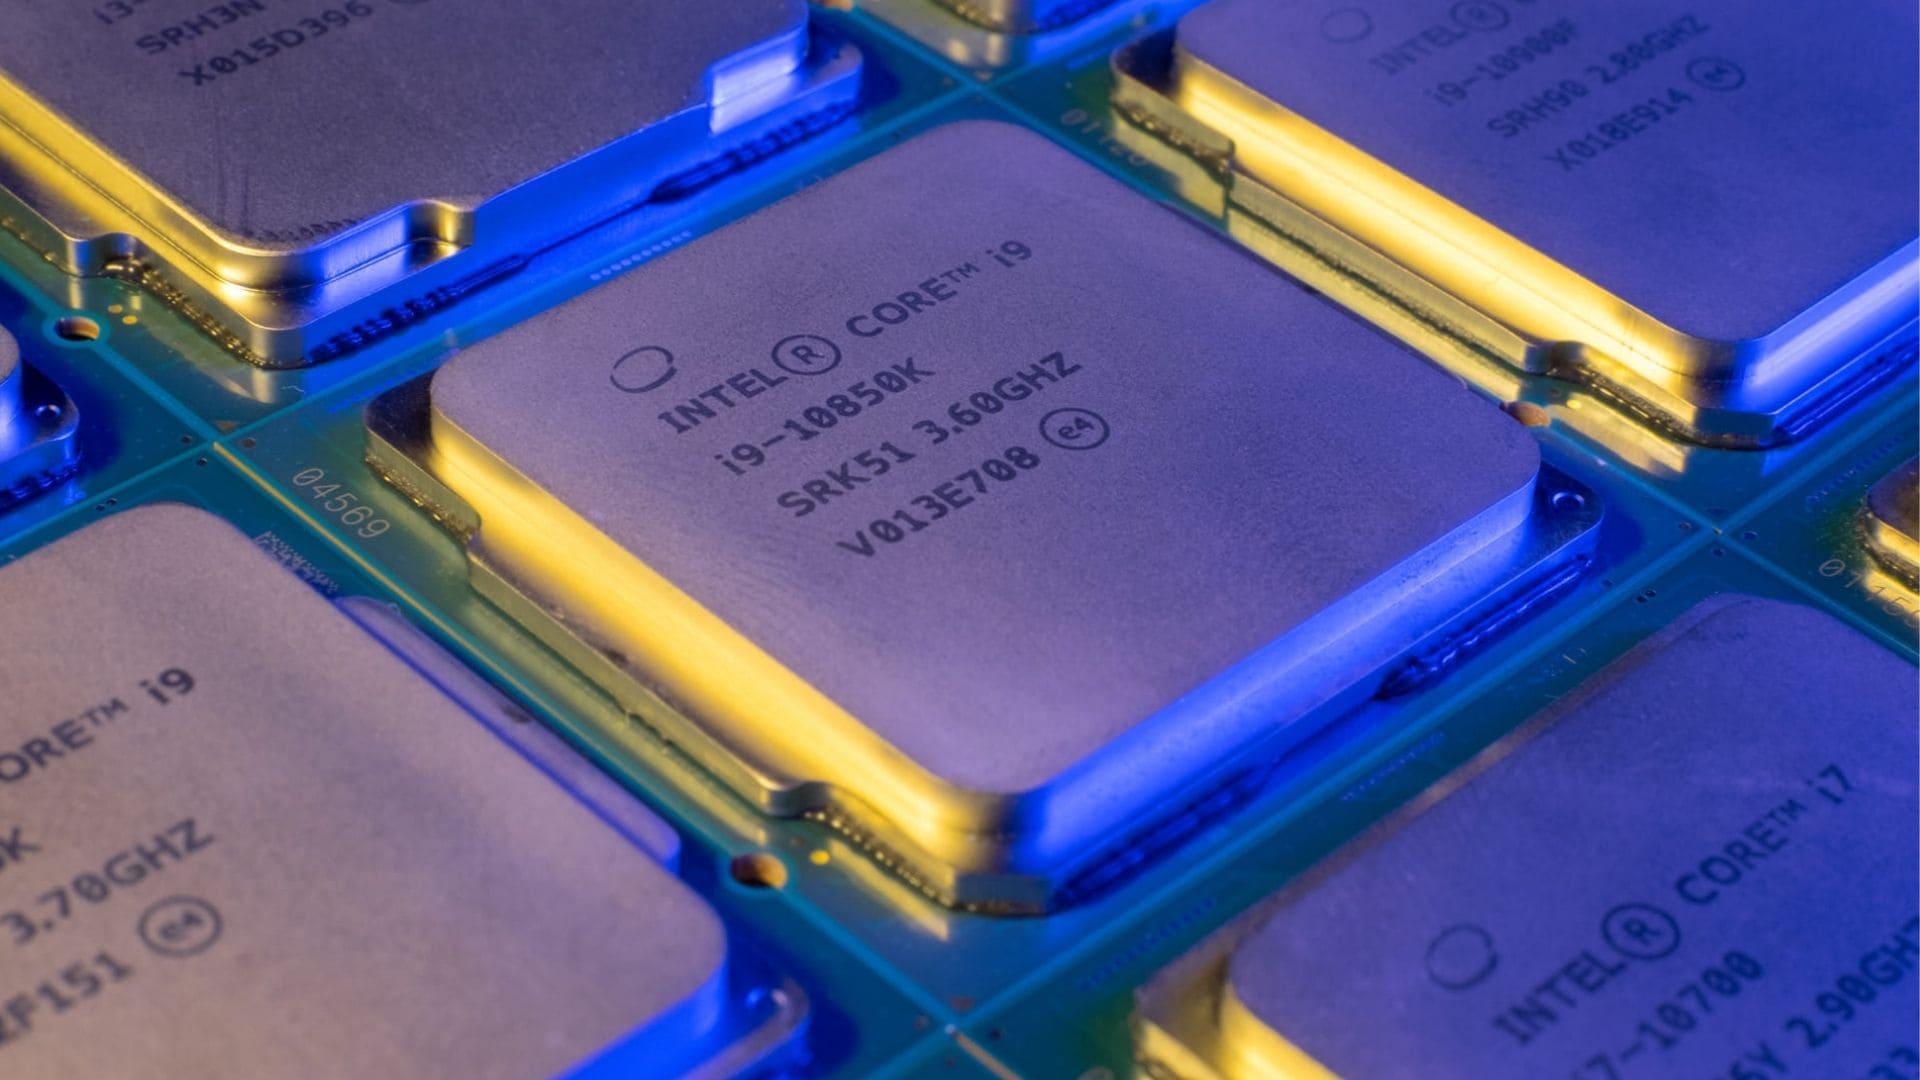 Processadores i9 enfileirados